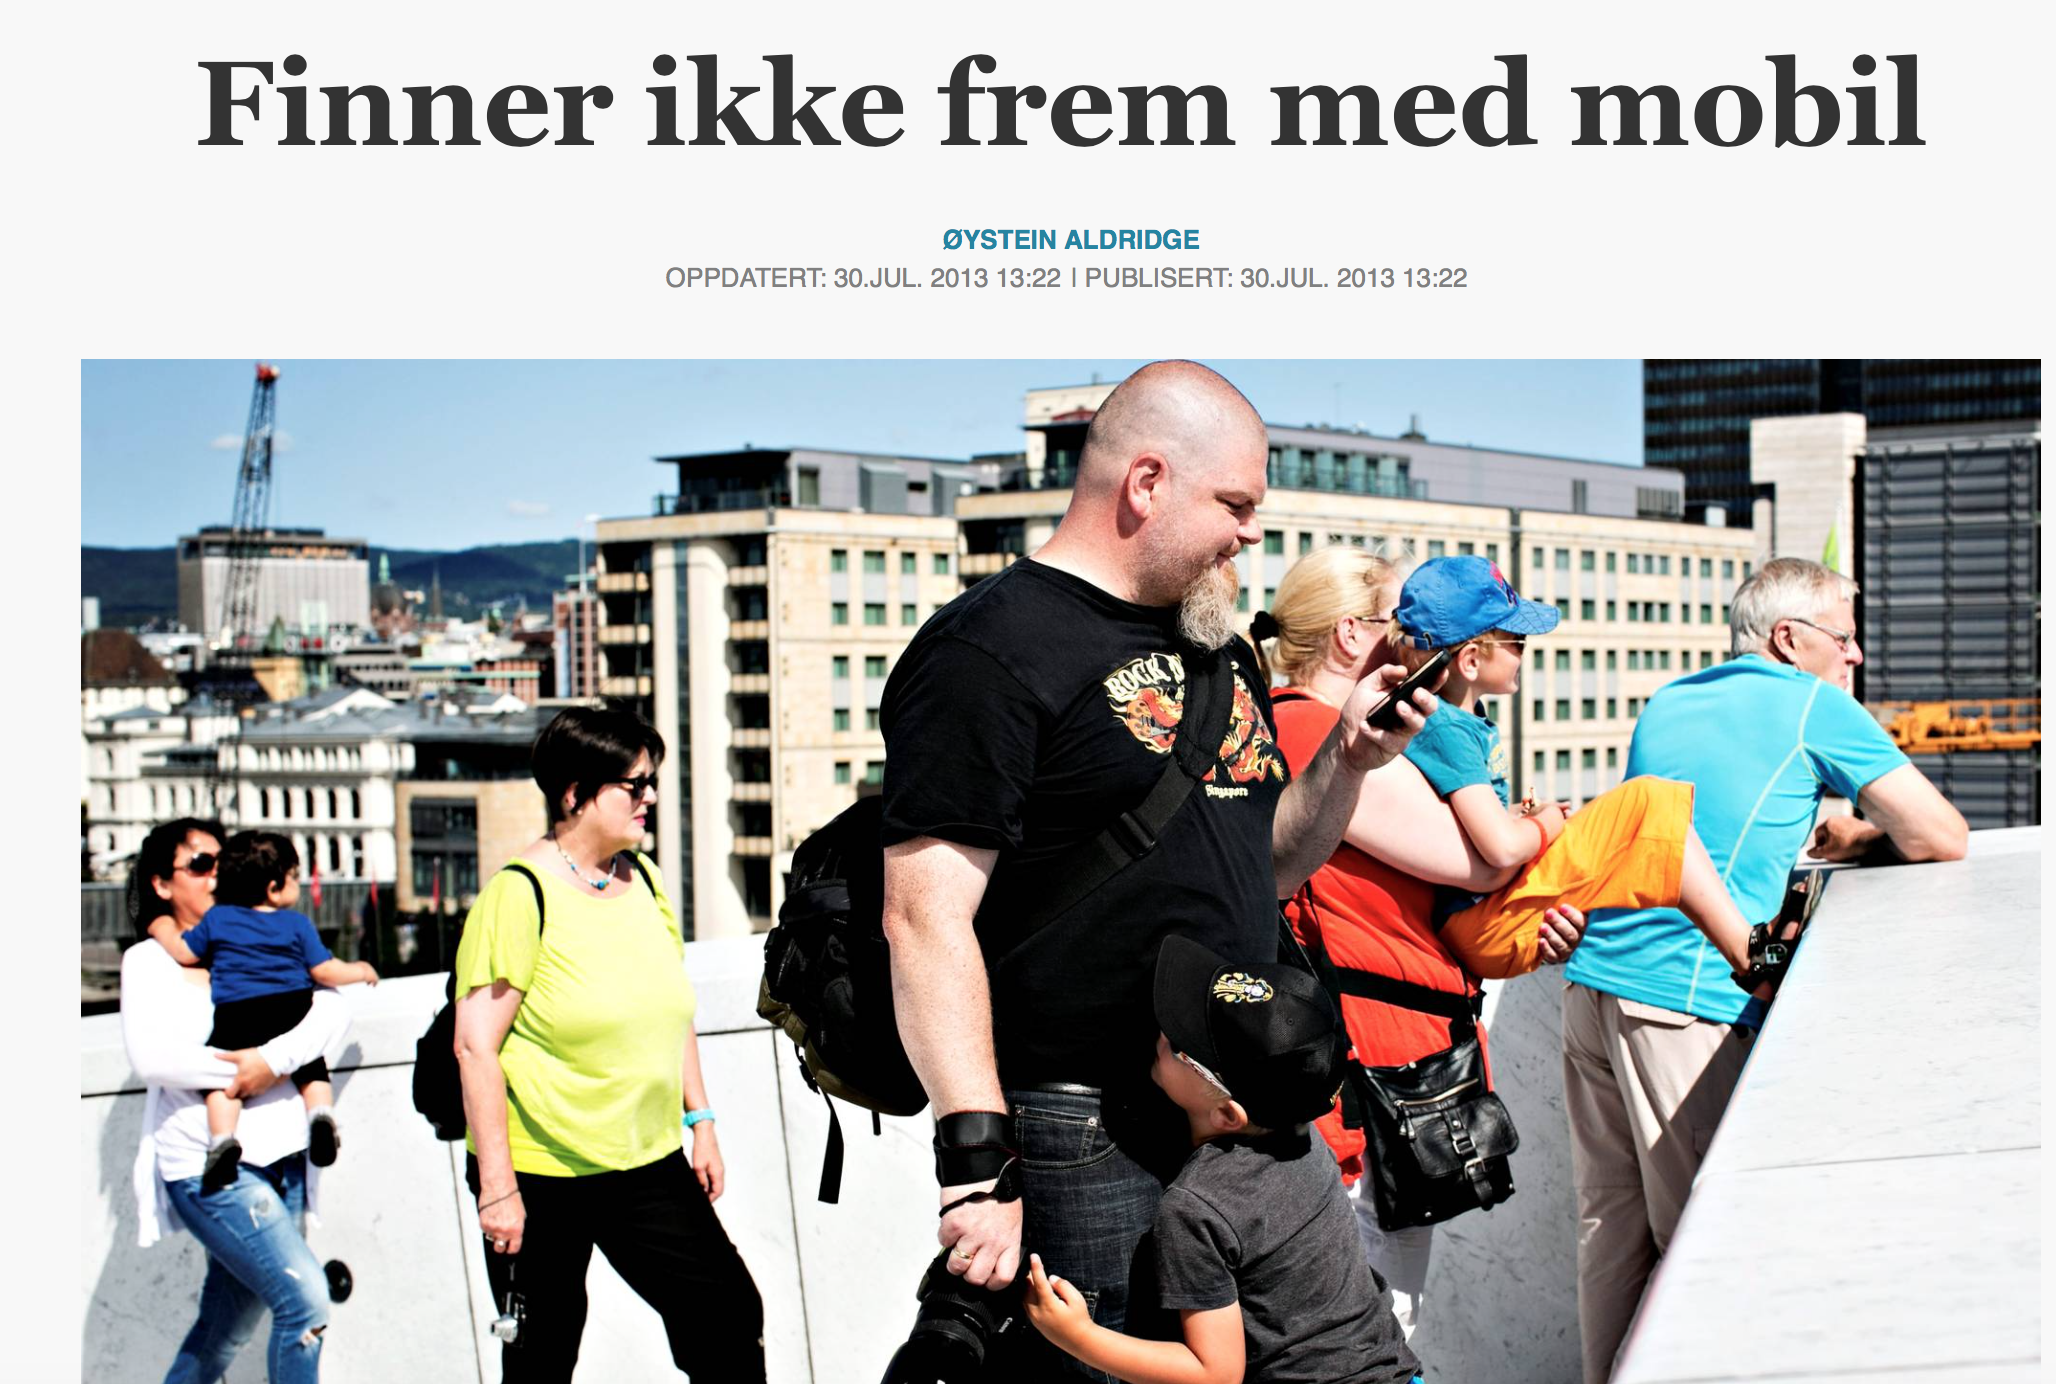 """Skjermbilde av Aftenpostens artikkel """"Finner ikke frem med mobil"""""""